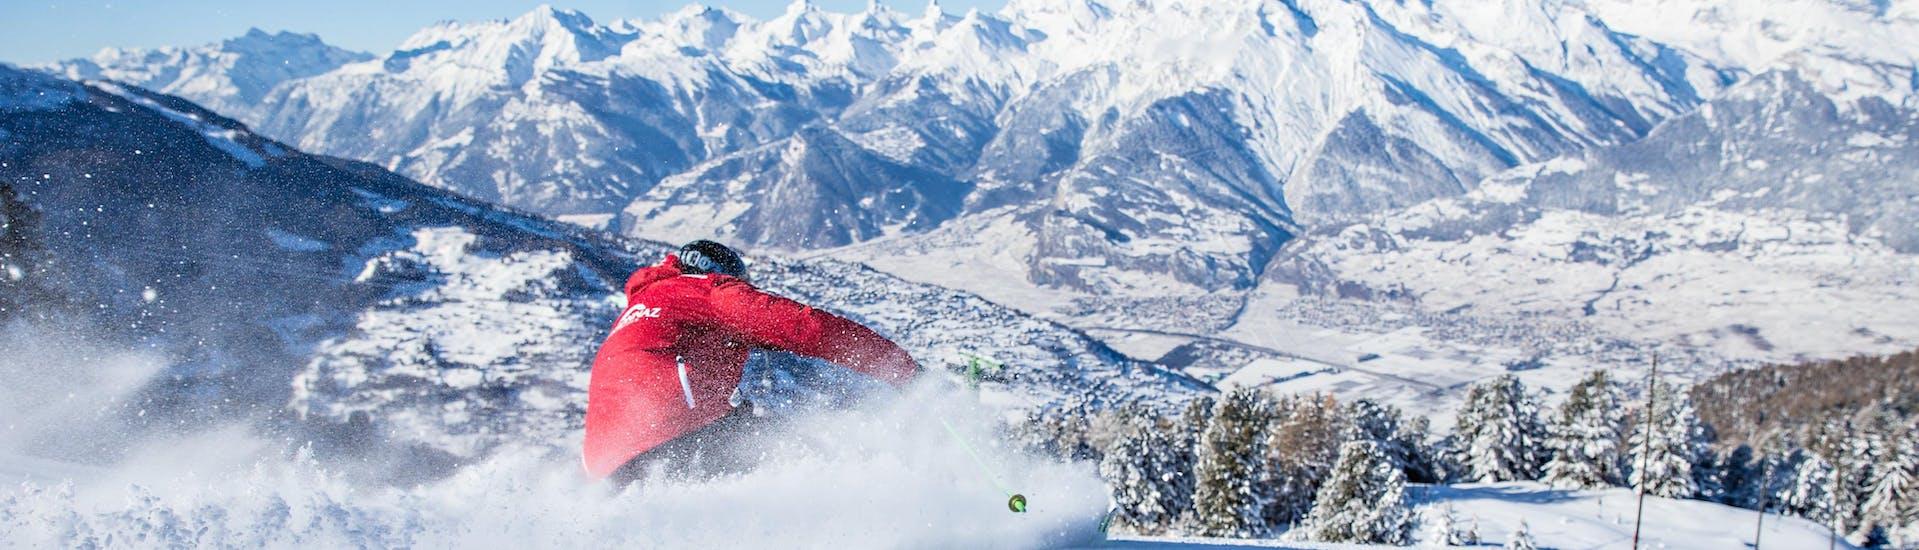 Cours de ski Adultes pour Skieurs avancés avec École Suisse de Ski de Veysonnaz - Hero image